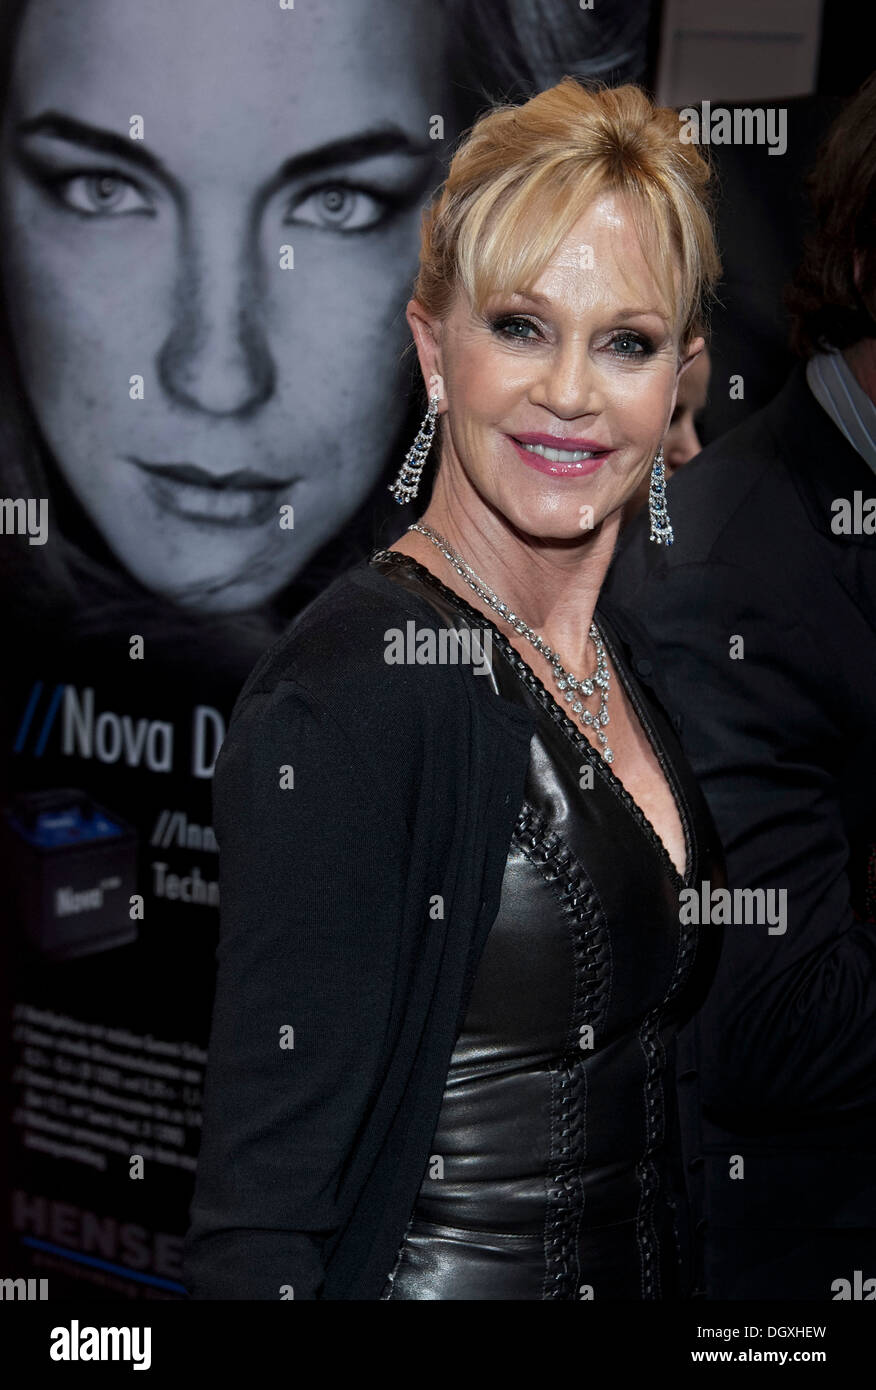 Schauspielerin Melanie Griffith beim Filmfest in München, Bayern Stockbild